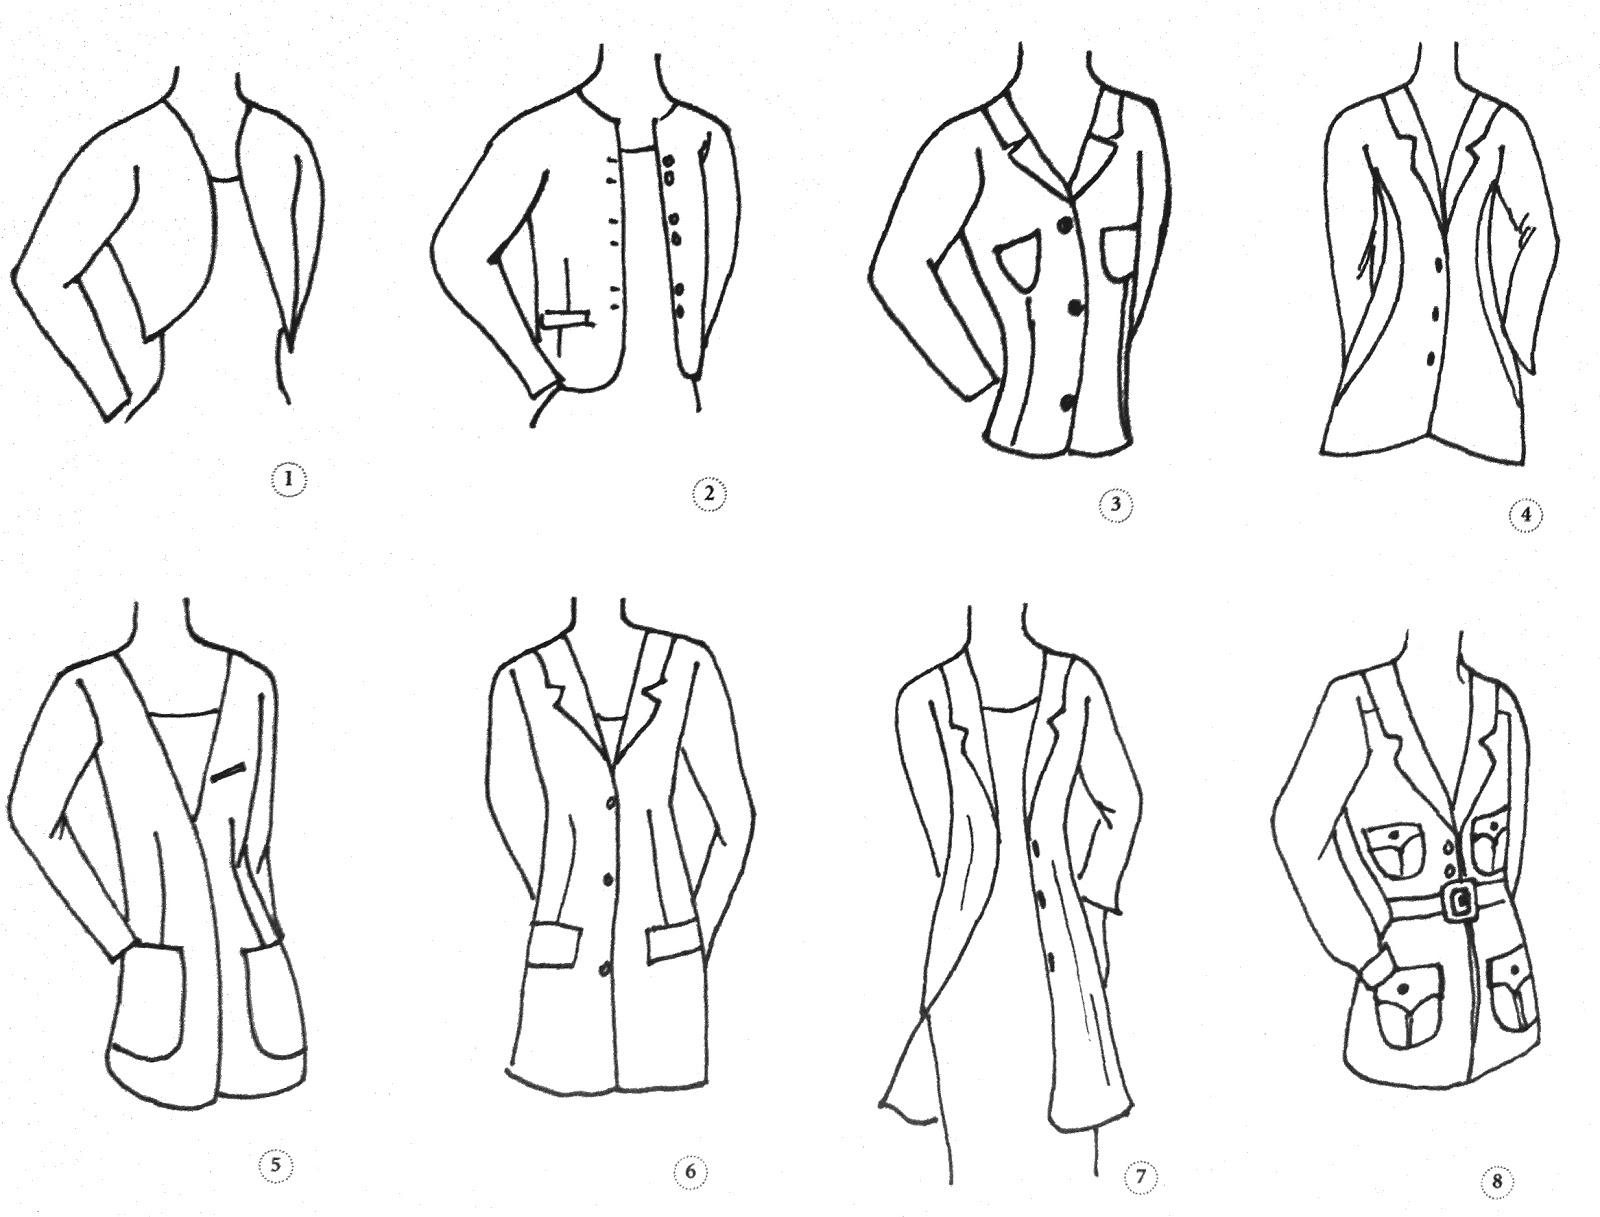 prendas de vestir, como combinar ropa, chaquetas, sacos